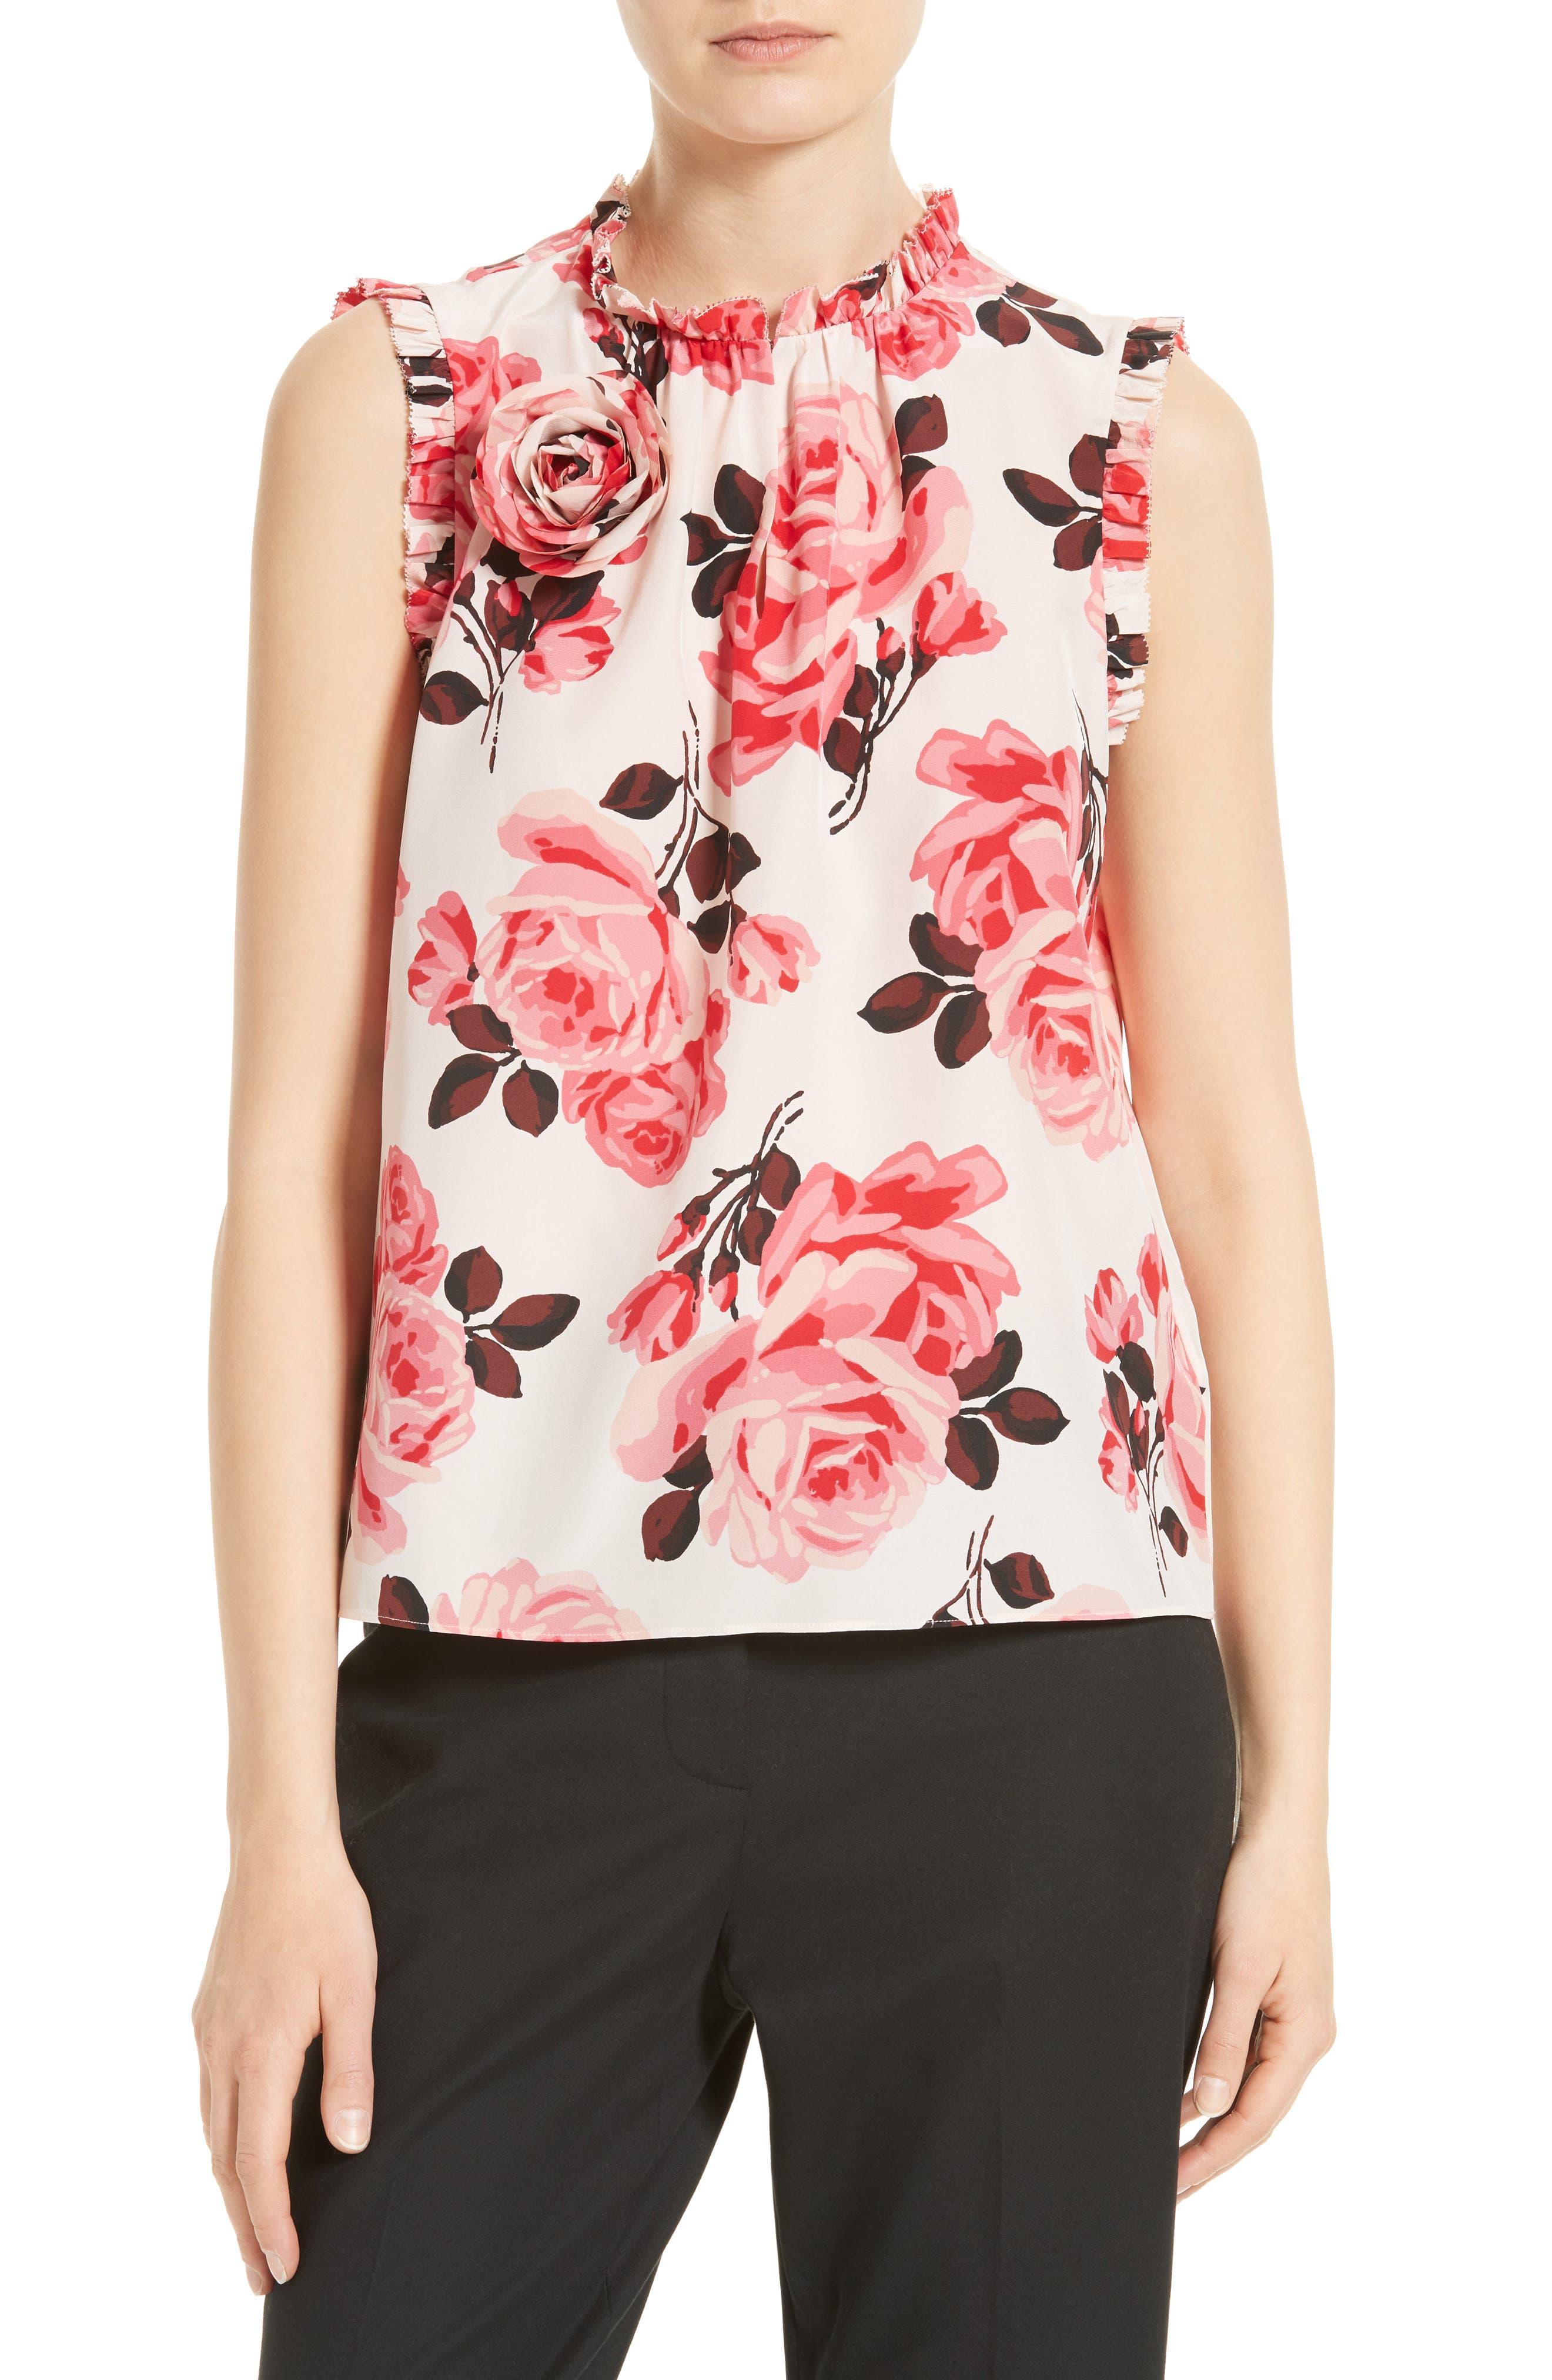 Alternate Image 1 Selected - kate spade new york rosa silk top